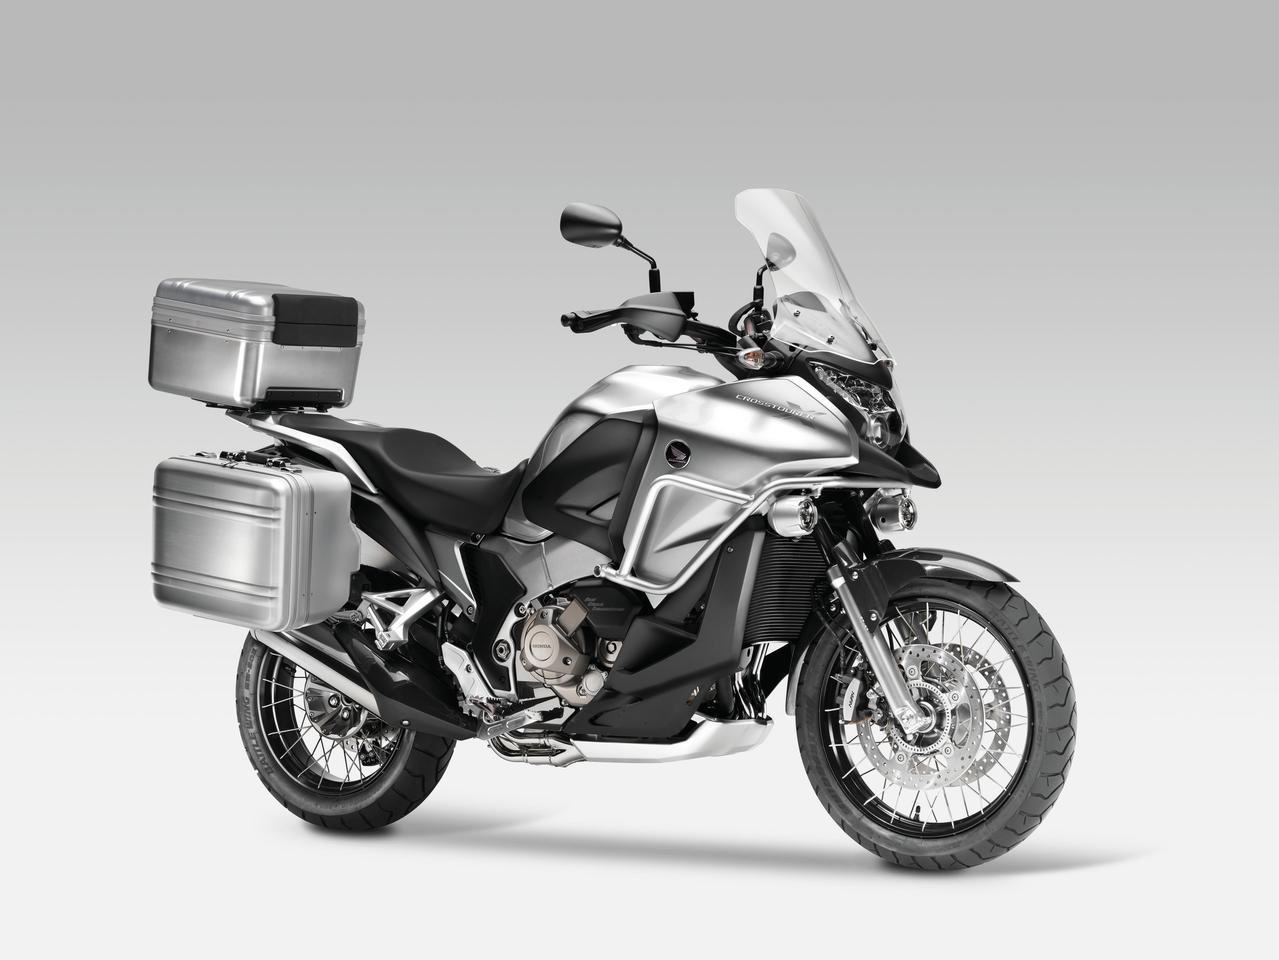 Honda Announces New V4 Adventure Sports Tourer The Crosstourer